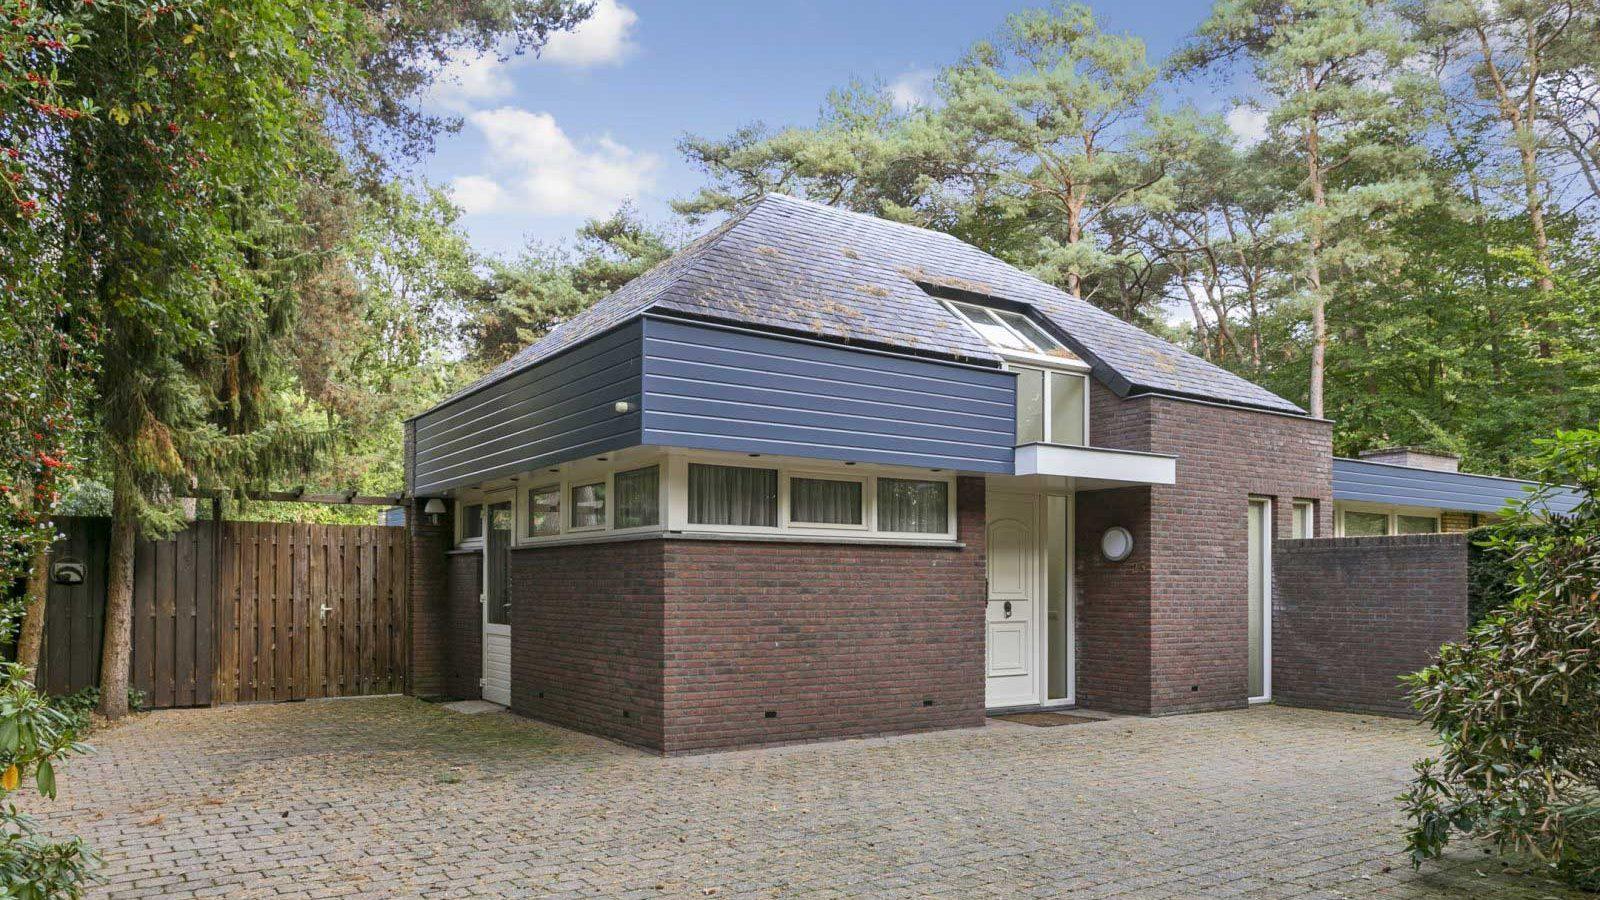 VanderLandelaan25Herkenbosch-EXT-01-1600x1067